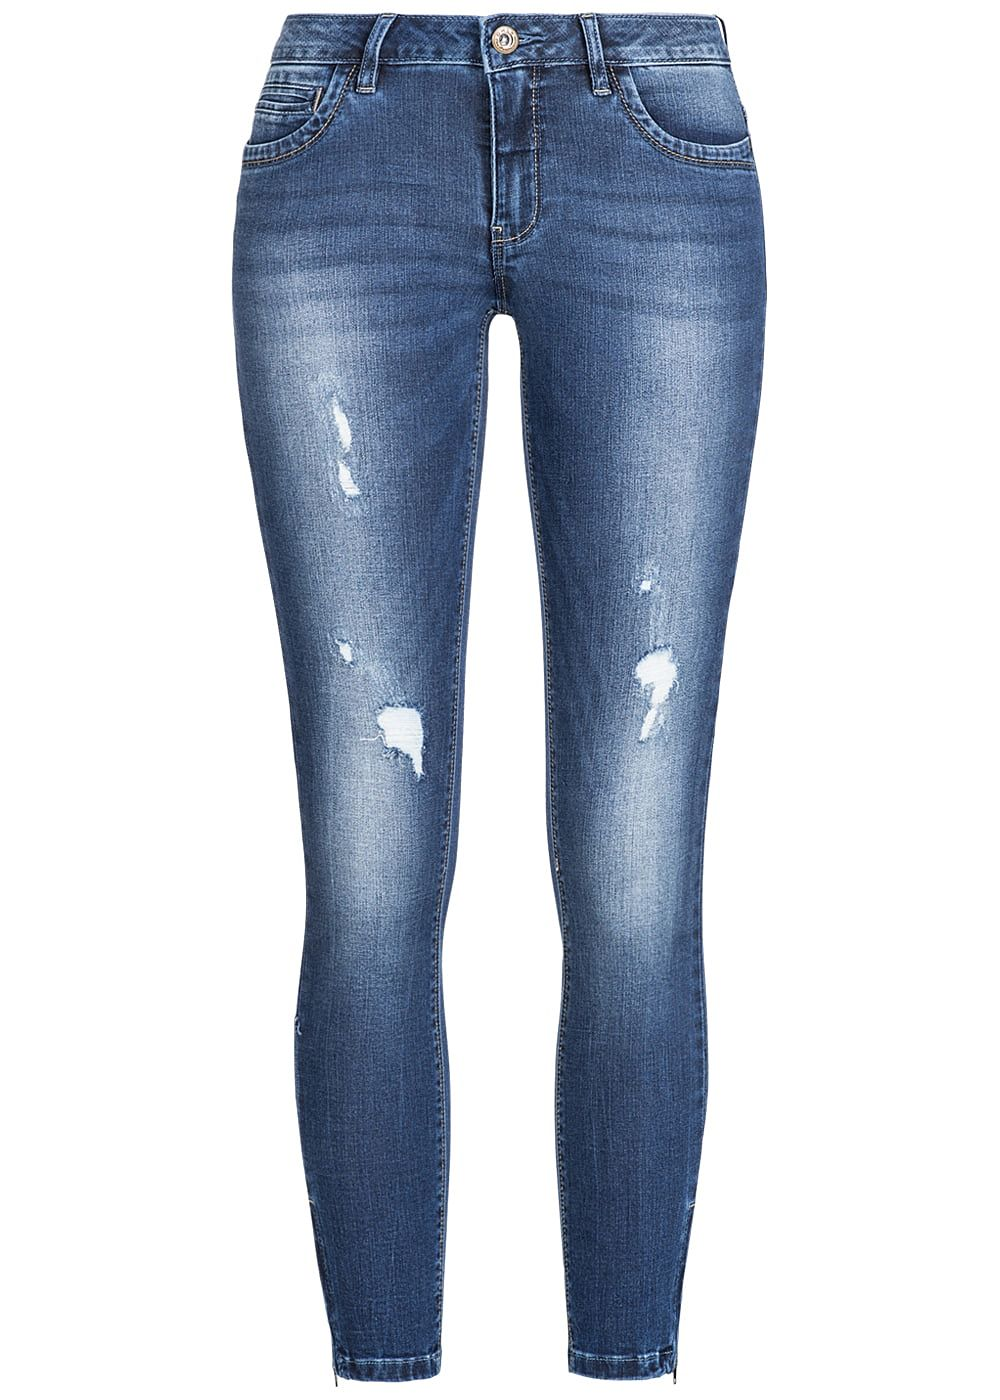 only damen jeans hose crash optik regular waist 5 pockets noos dunkel blau denim 77onlineshop. Black Bedroom Furniture Sets. Home Design Ideas